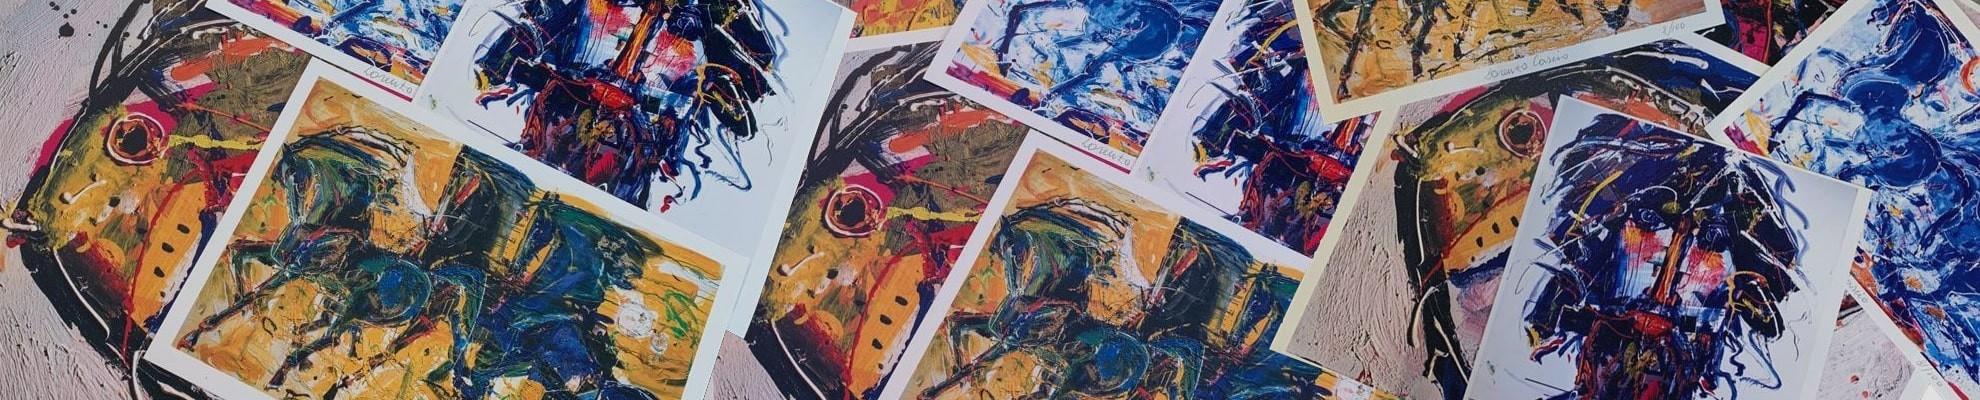 Litografie e disegni di Lorenzo Cascio